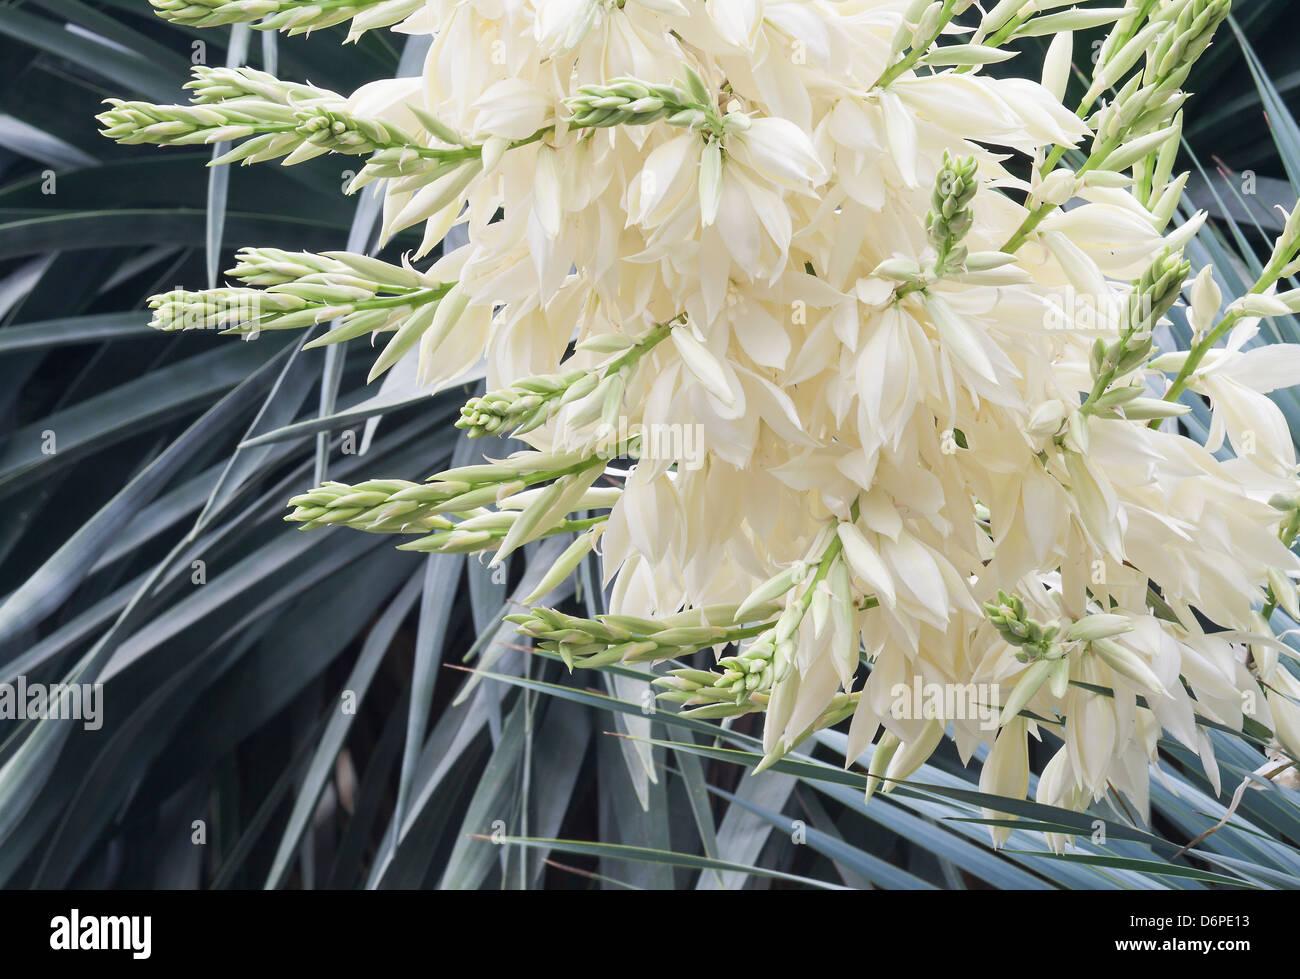 Dettaglio di un cactus fiorire piante succulente Immagini Stock